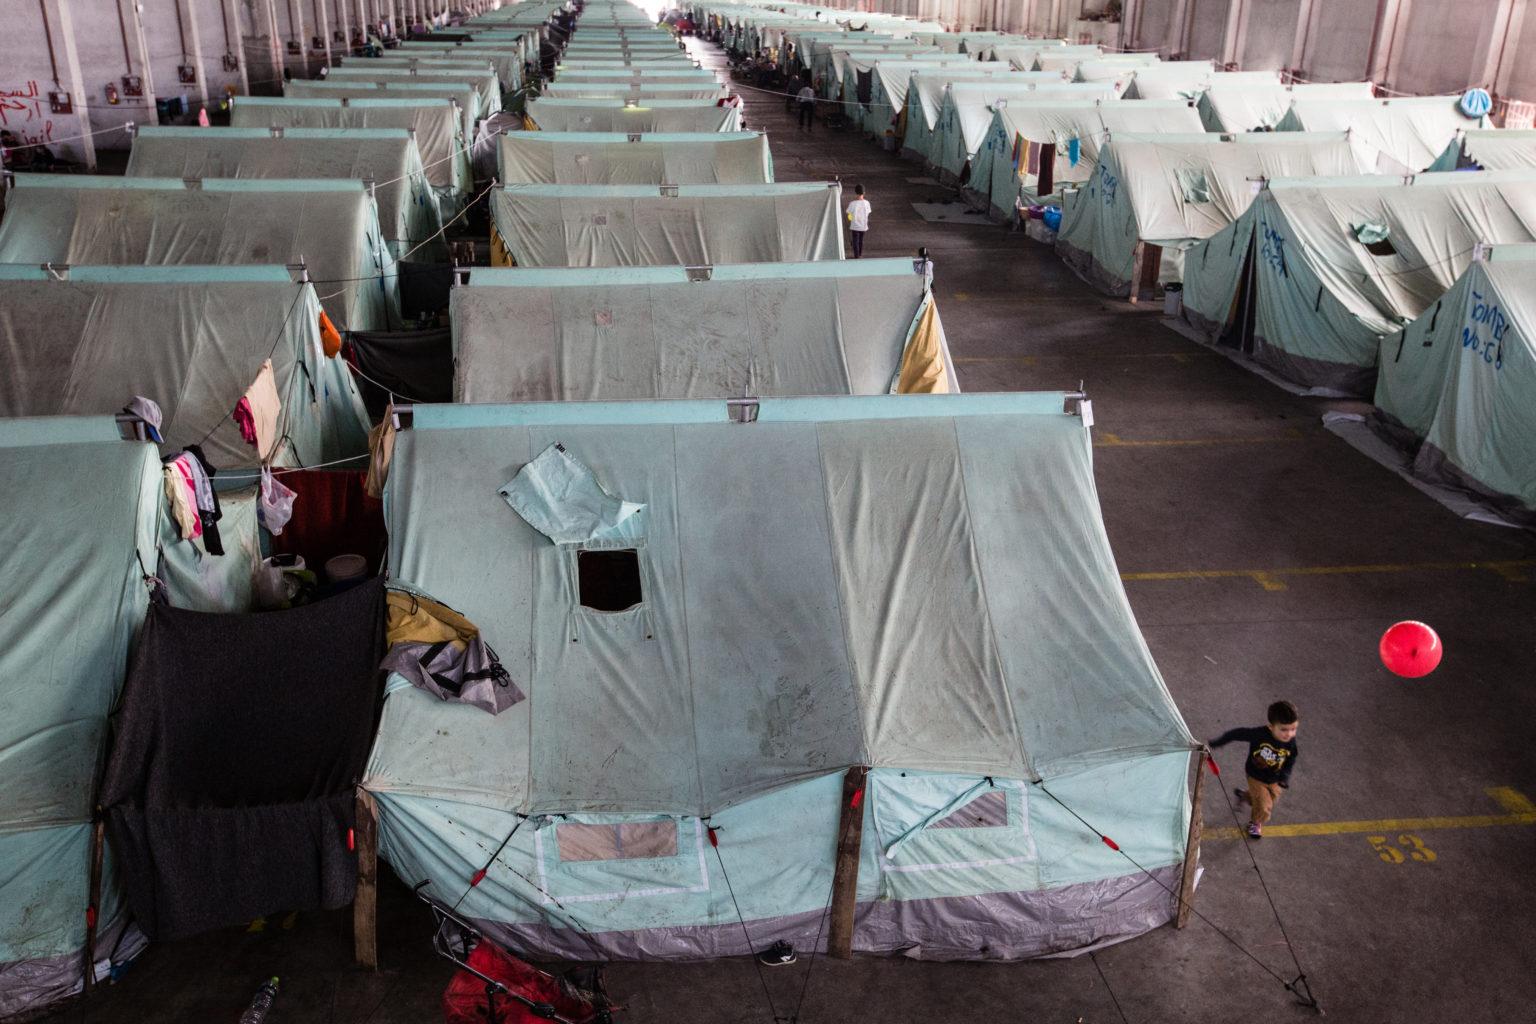 Griekenland, vluchtelingen, 2016, noorden Griekenland, Oreokastro, dichtbij Thessaloniki, oude hangar van fabriek, die nu dienst doet als officiëel vluchtelingenkamp, 1157 refugees live here, mainly Syrians, Iraqis and Kurds